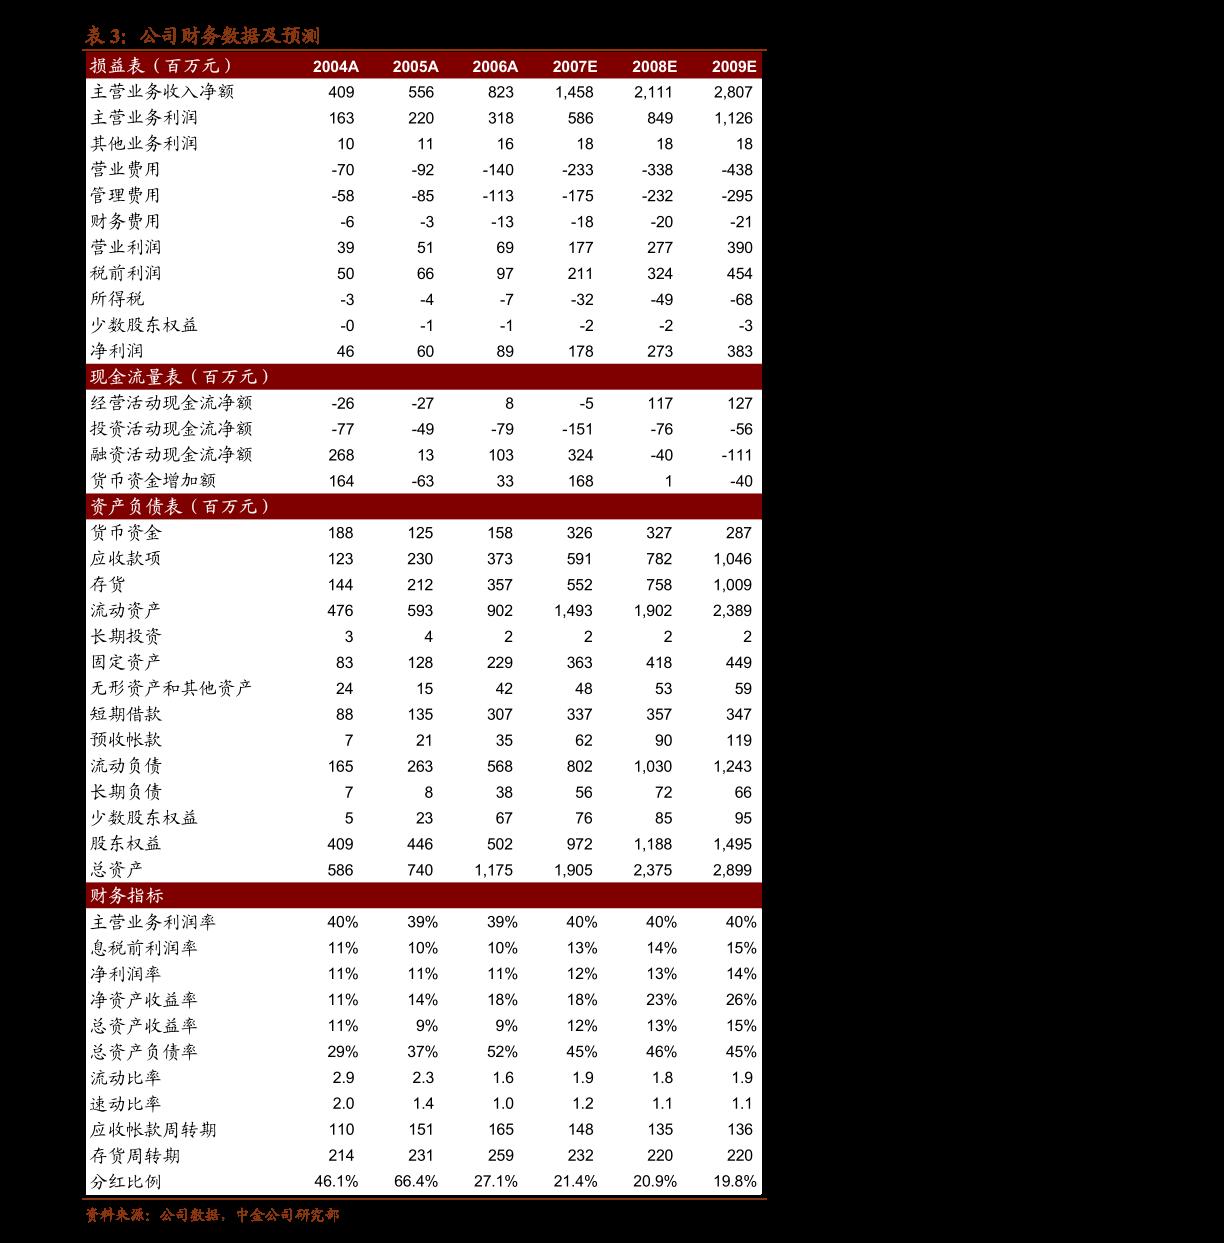 东方雷火电竞平台-金禾实业-002597-如何理解爱乐甜的潜力与优势-210112